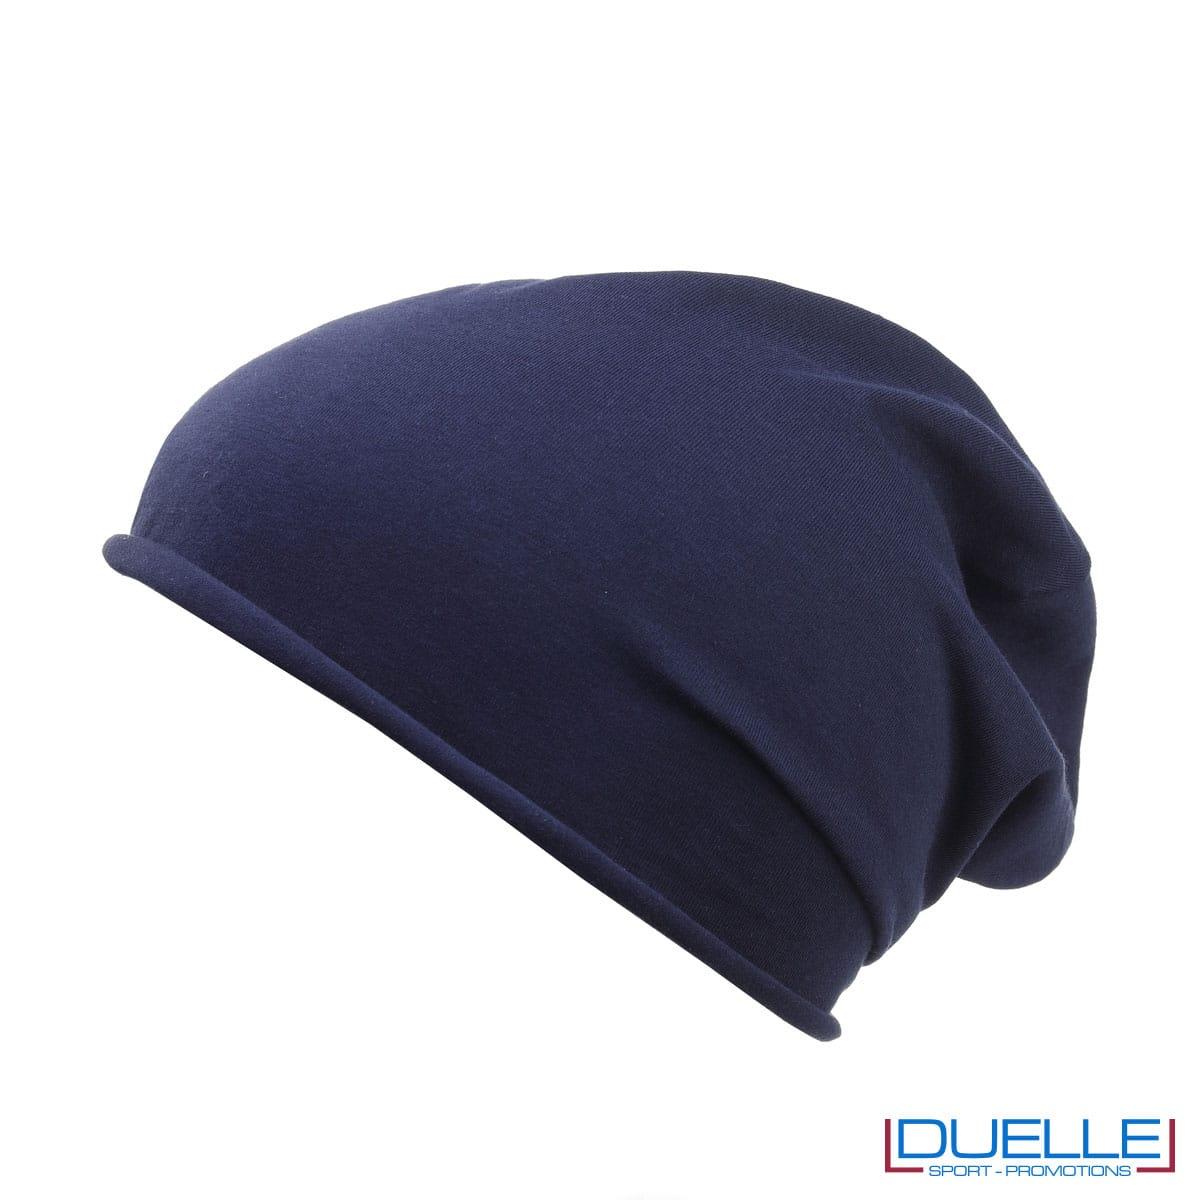 Cuffia cotone organico colore blu navy personalizzata